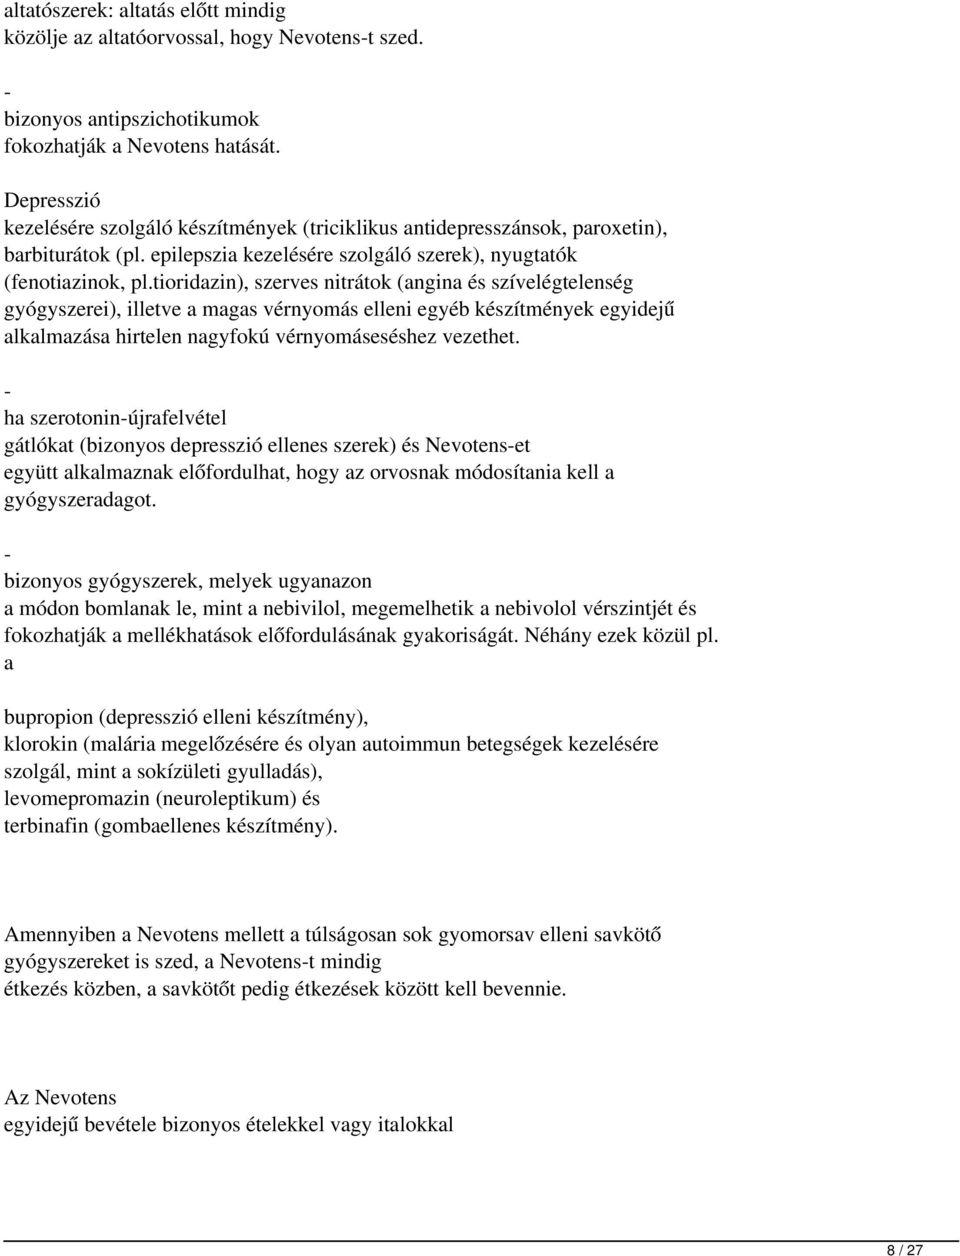 magas vérnyomás elleni gyógyszerek amelyek nem okoznak aritmiát)